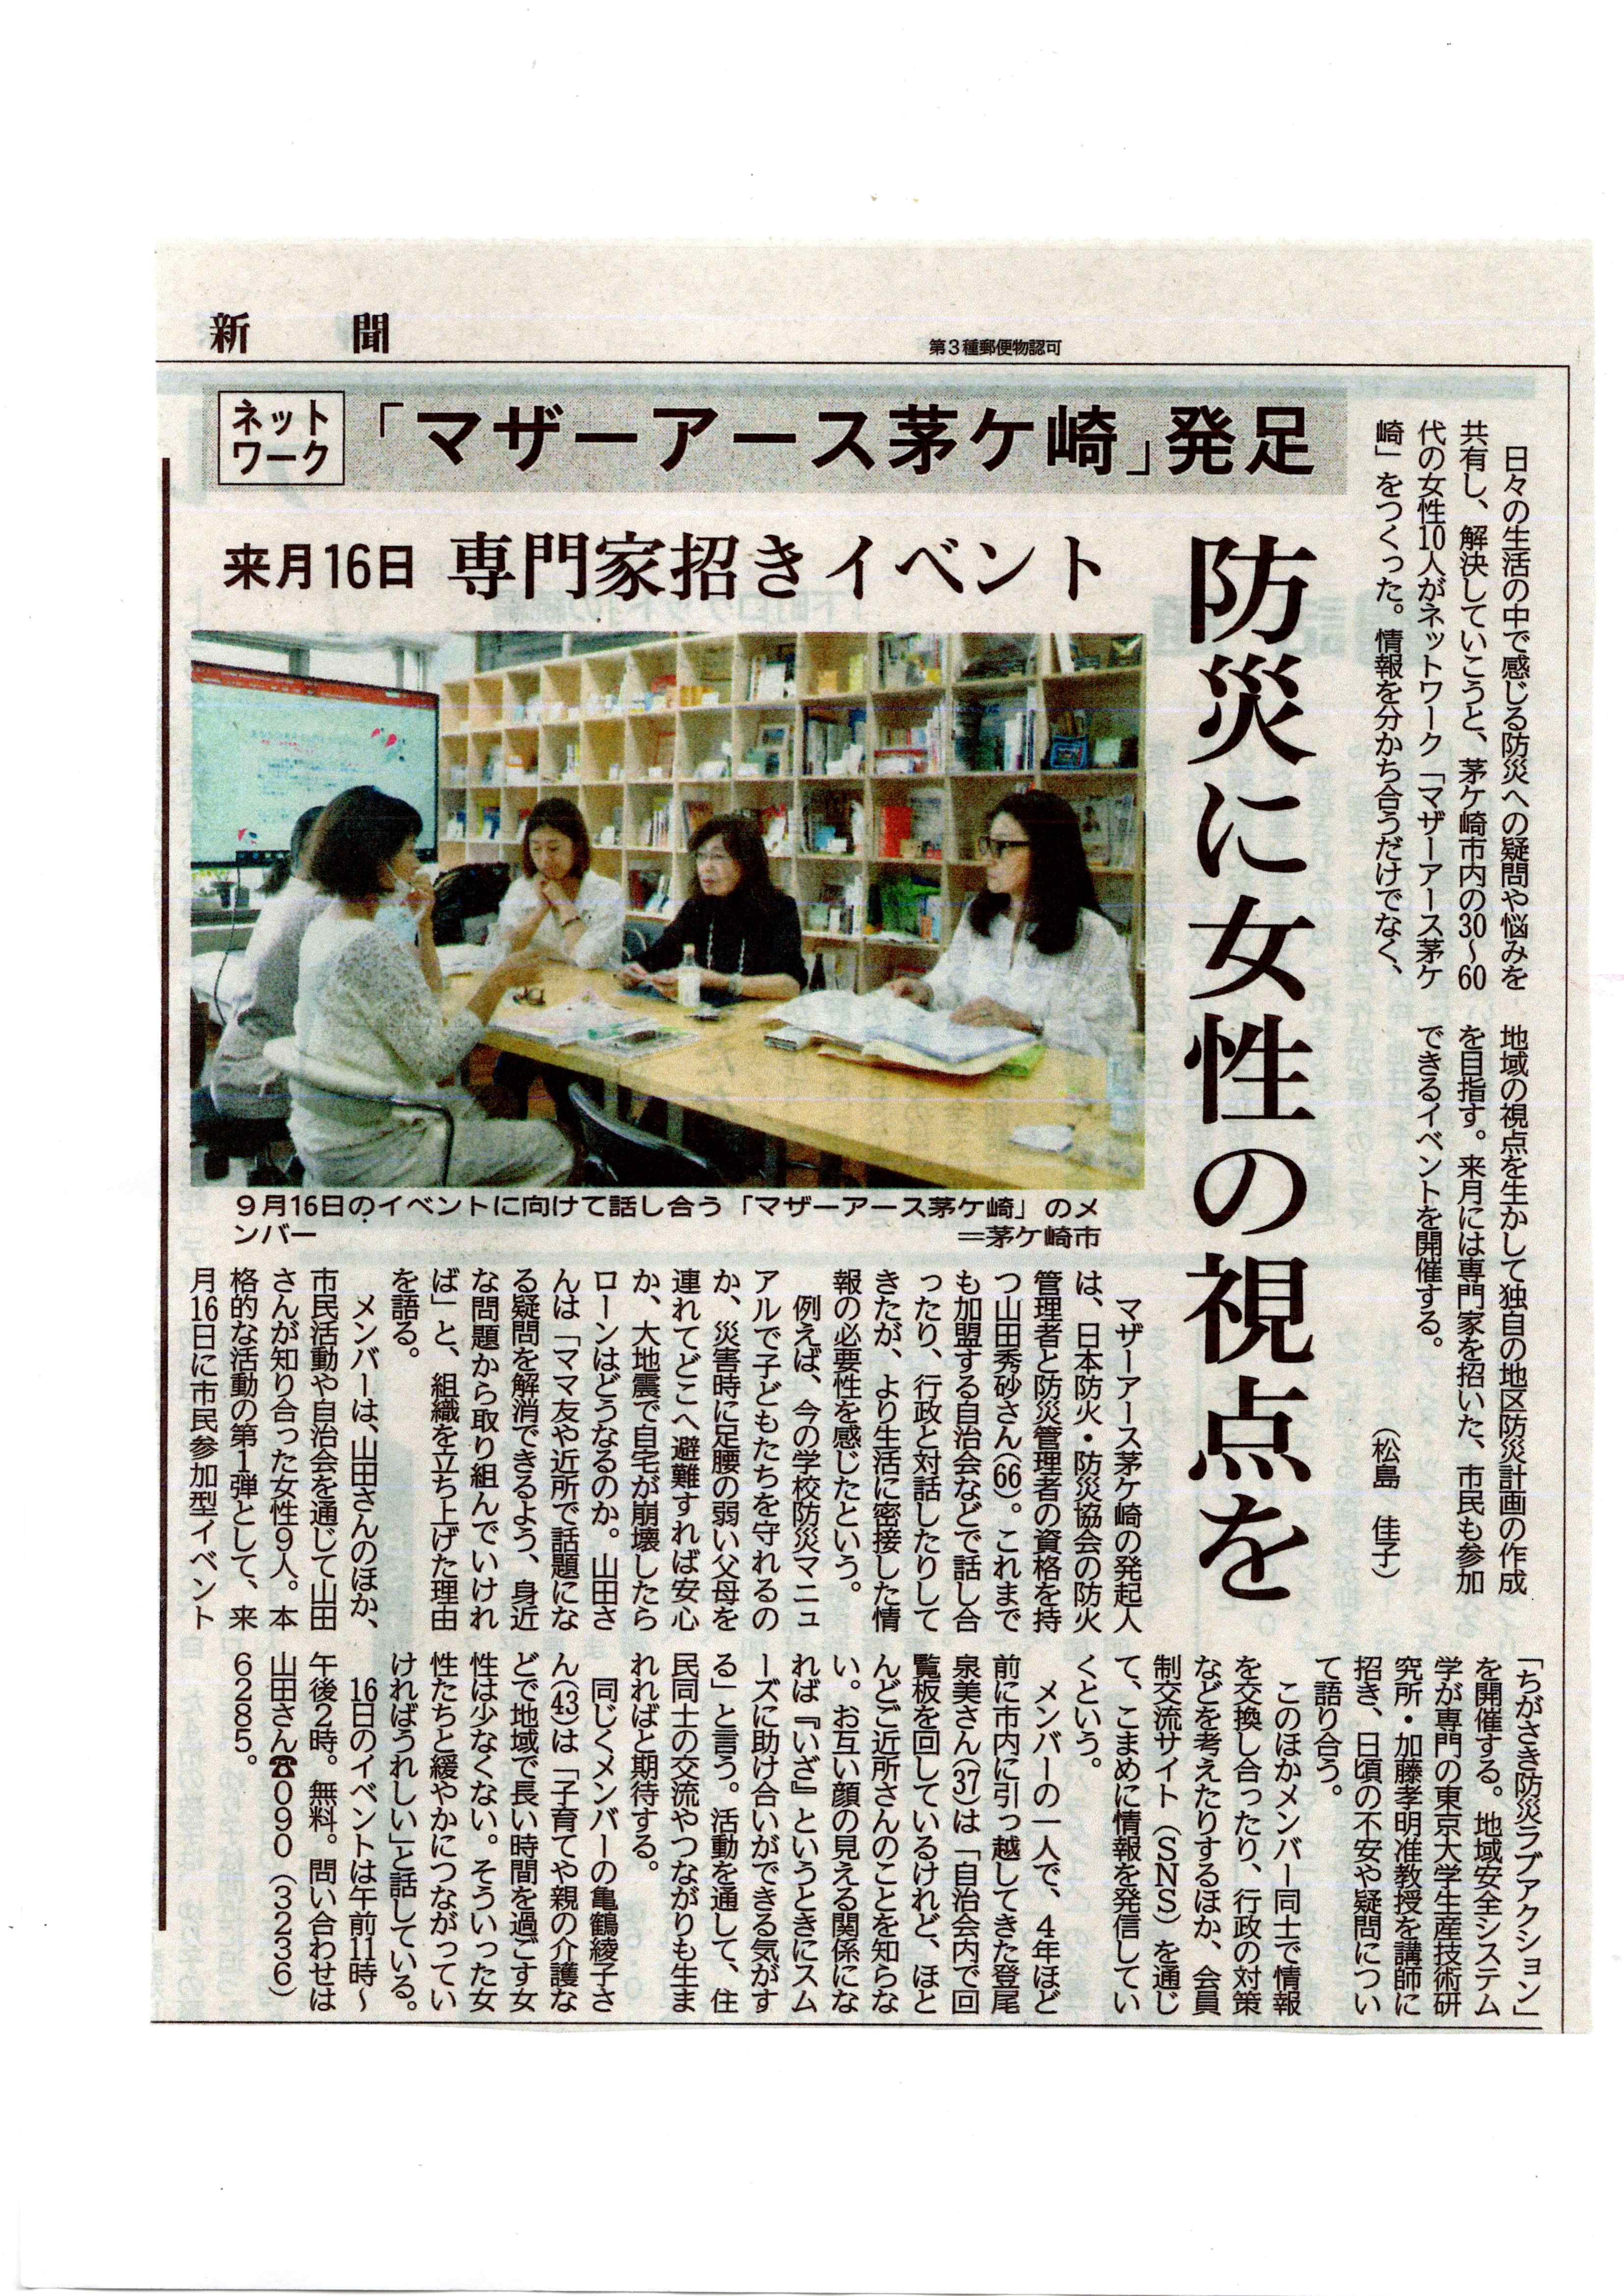 2018年神奈川新聞マザーアース立ち上げ20181230